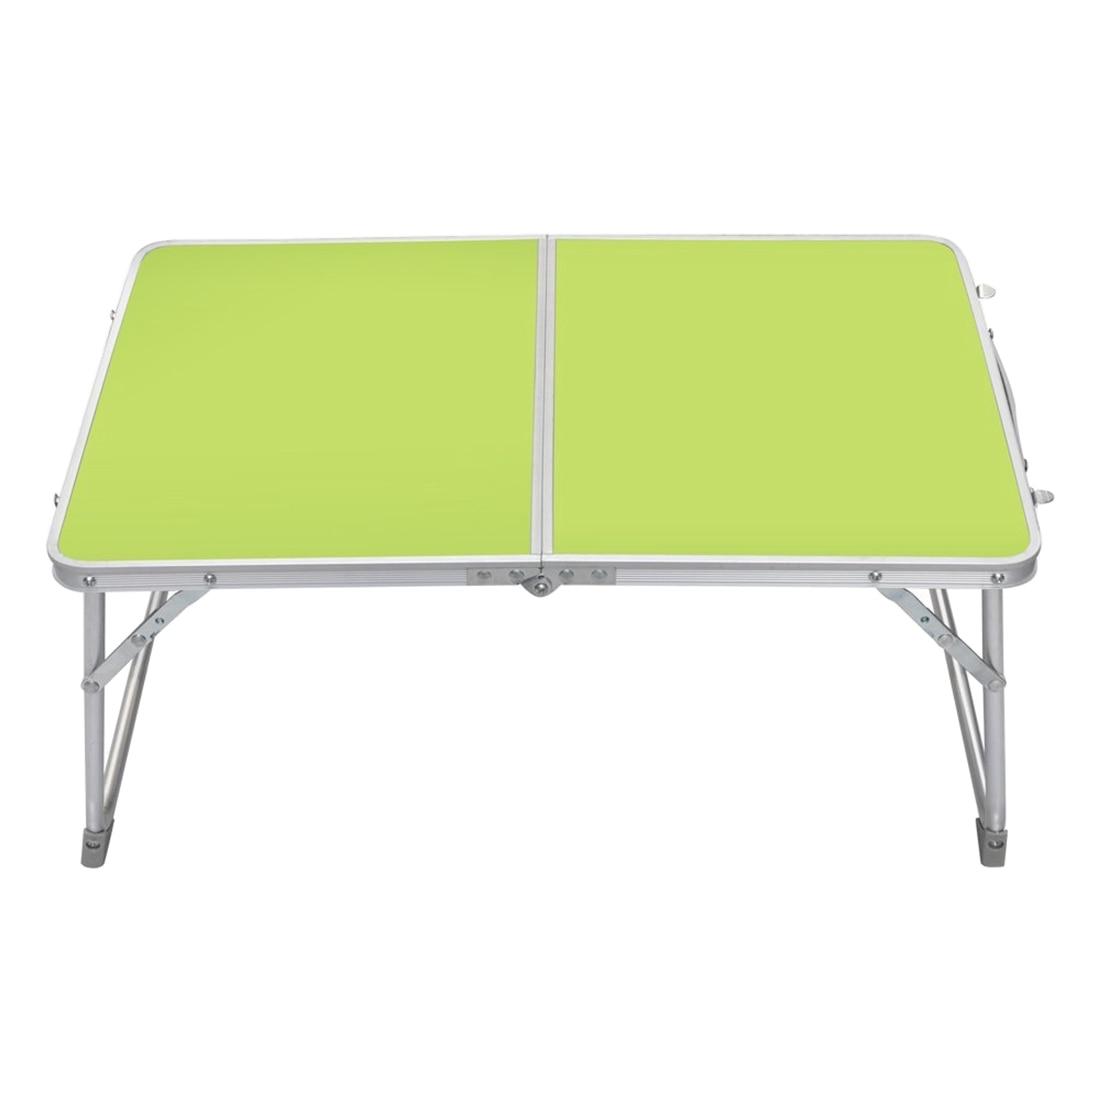 Небольшой 62x41x28 см/24.4x16.1x11 PC ноутбук стол-кровать стол отдых пикник Принадлежности для шашлыков (зеленый)